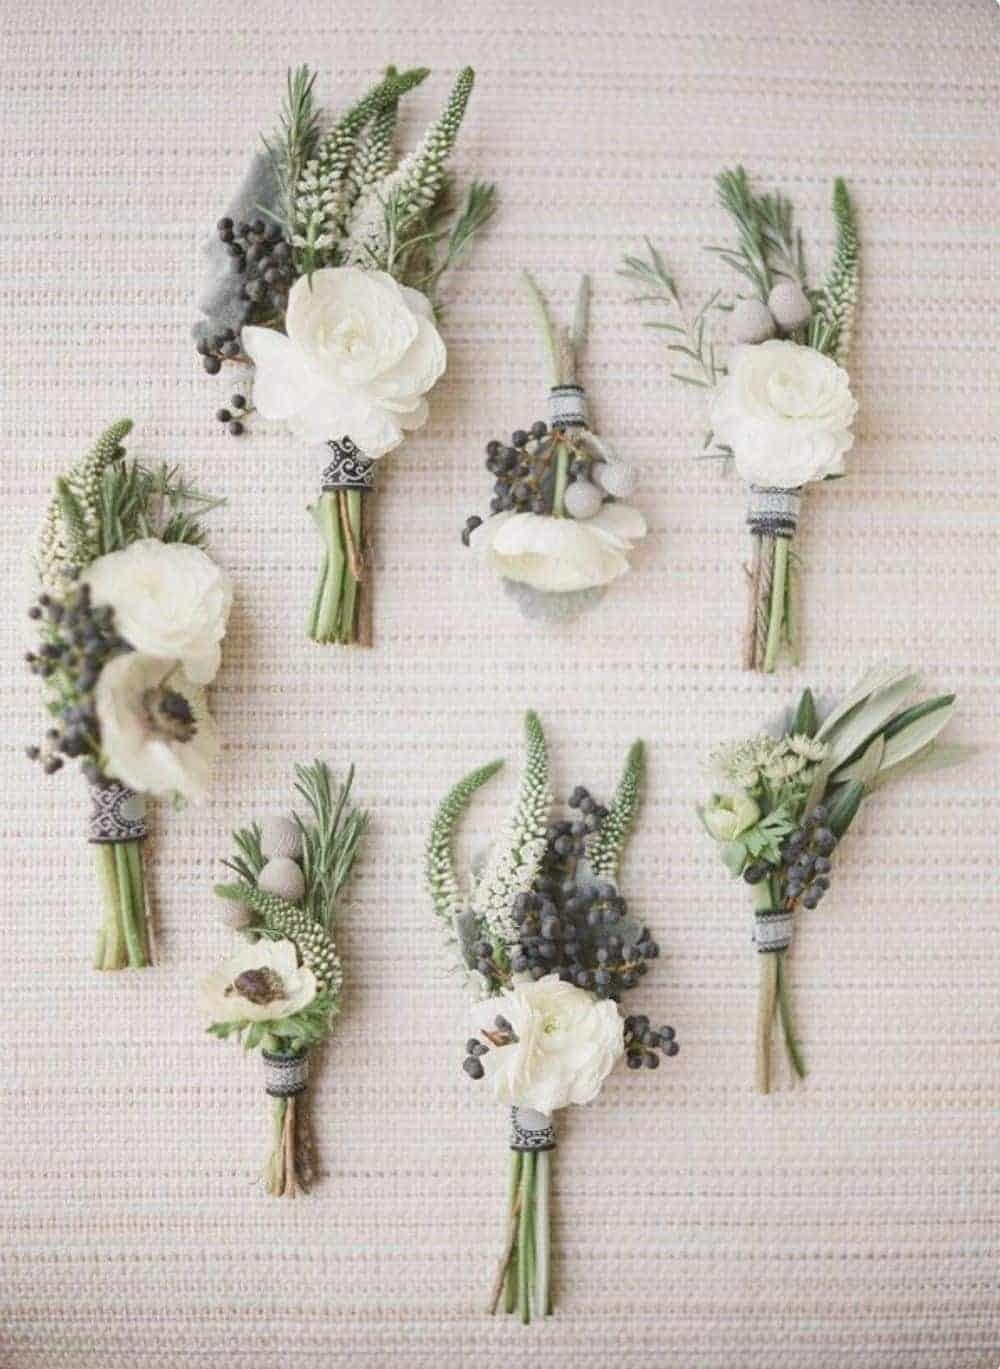 μπουτονιέρες με λευκά λουλούδια και πρασινάδα